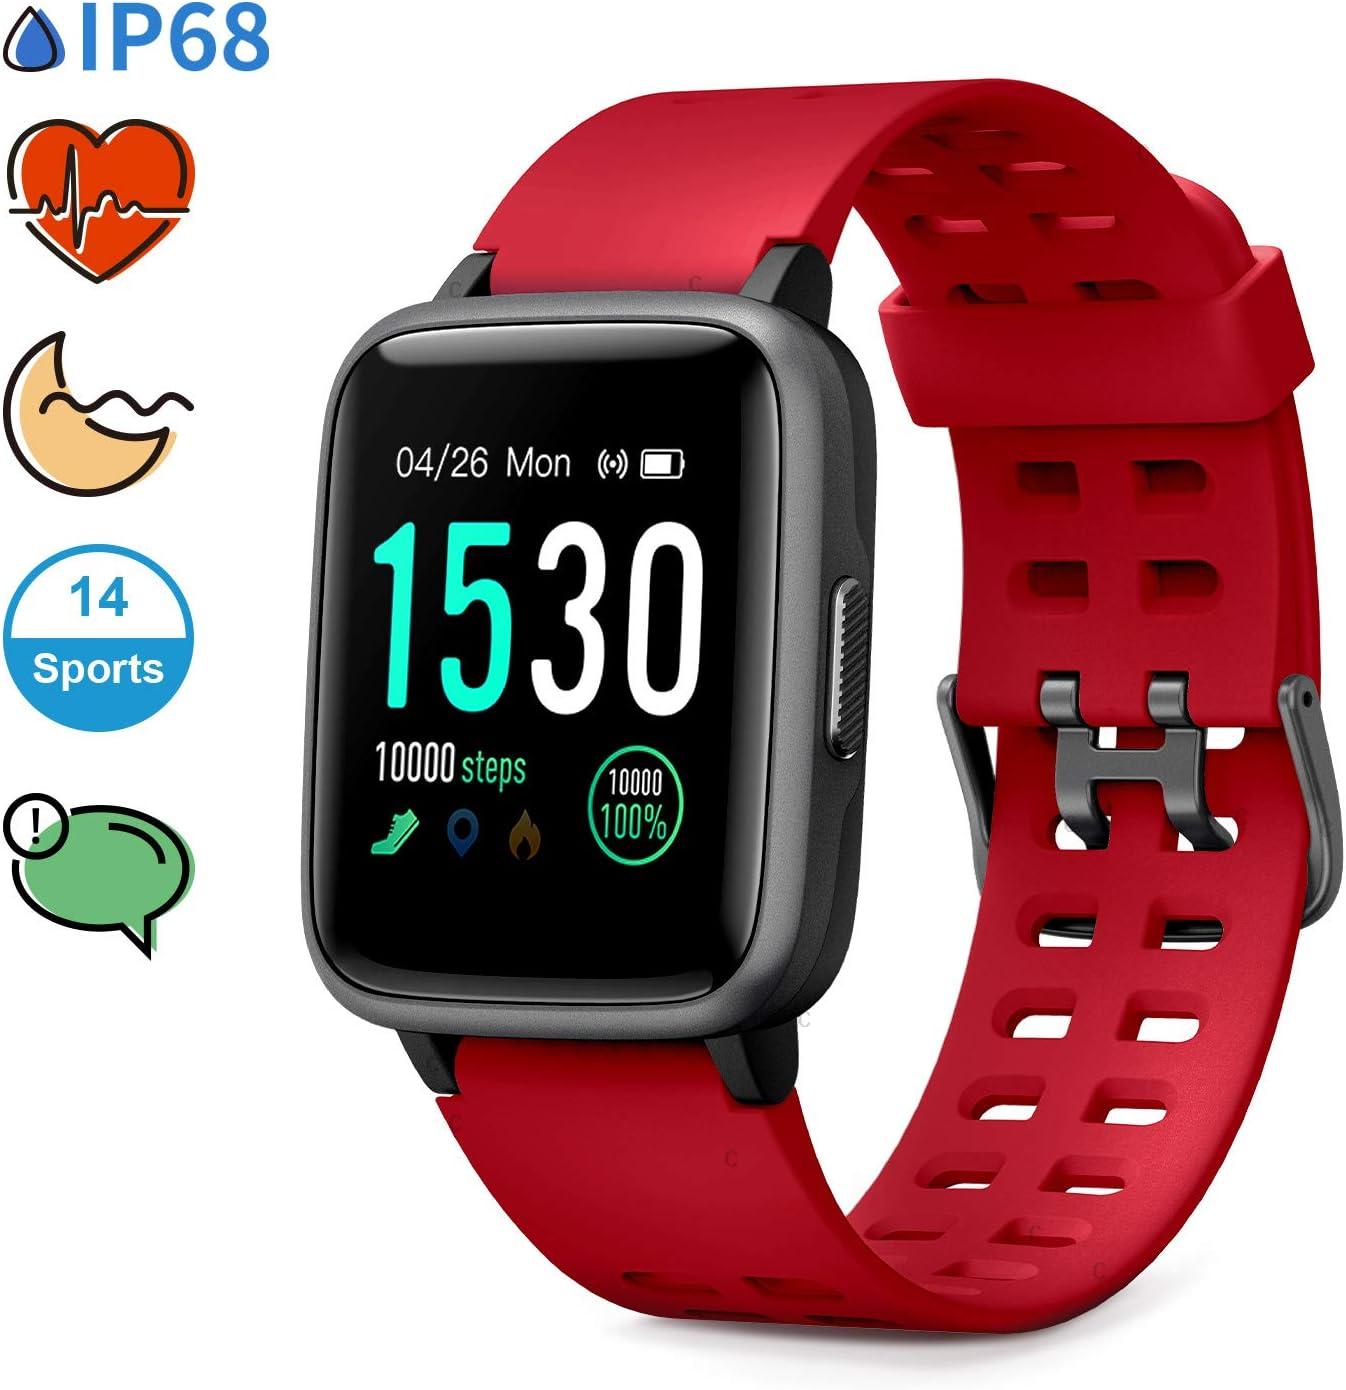 Glymnis Reloj Inteligente Smartwatch Impermeable IP68 Pulsera Actividad con Pulsómetro Monitor de Sueño Pantalla Táctil Completa Reloj Deportivo para Android iOS Rojo